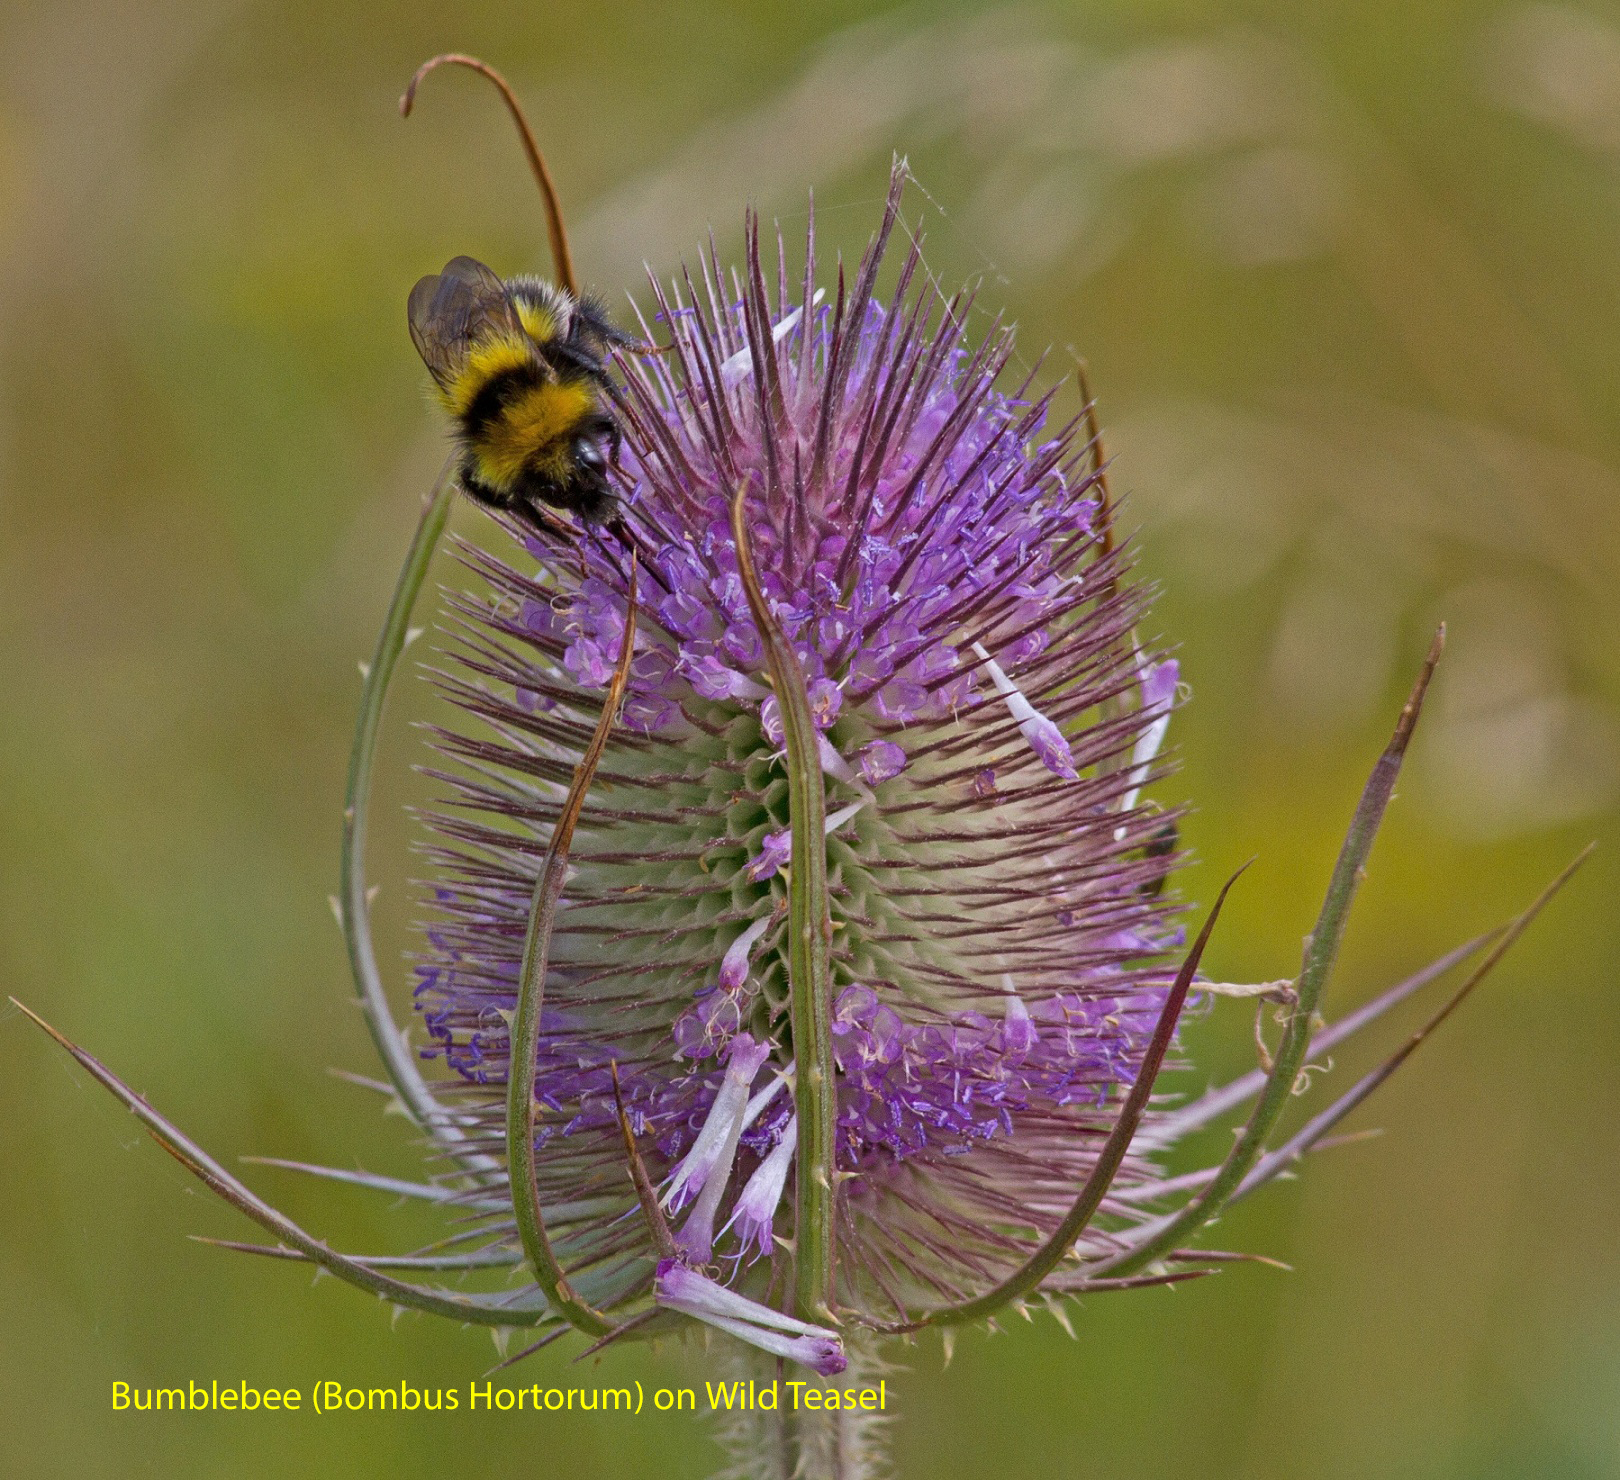 062-bumblebee-bombus-hortorum-on-wild-teasel-1-1-5bf092536a79a3120835a893c6bbcc1cf0781a13